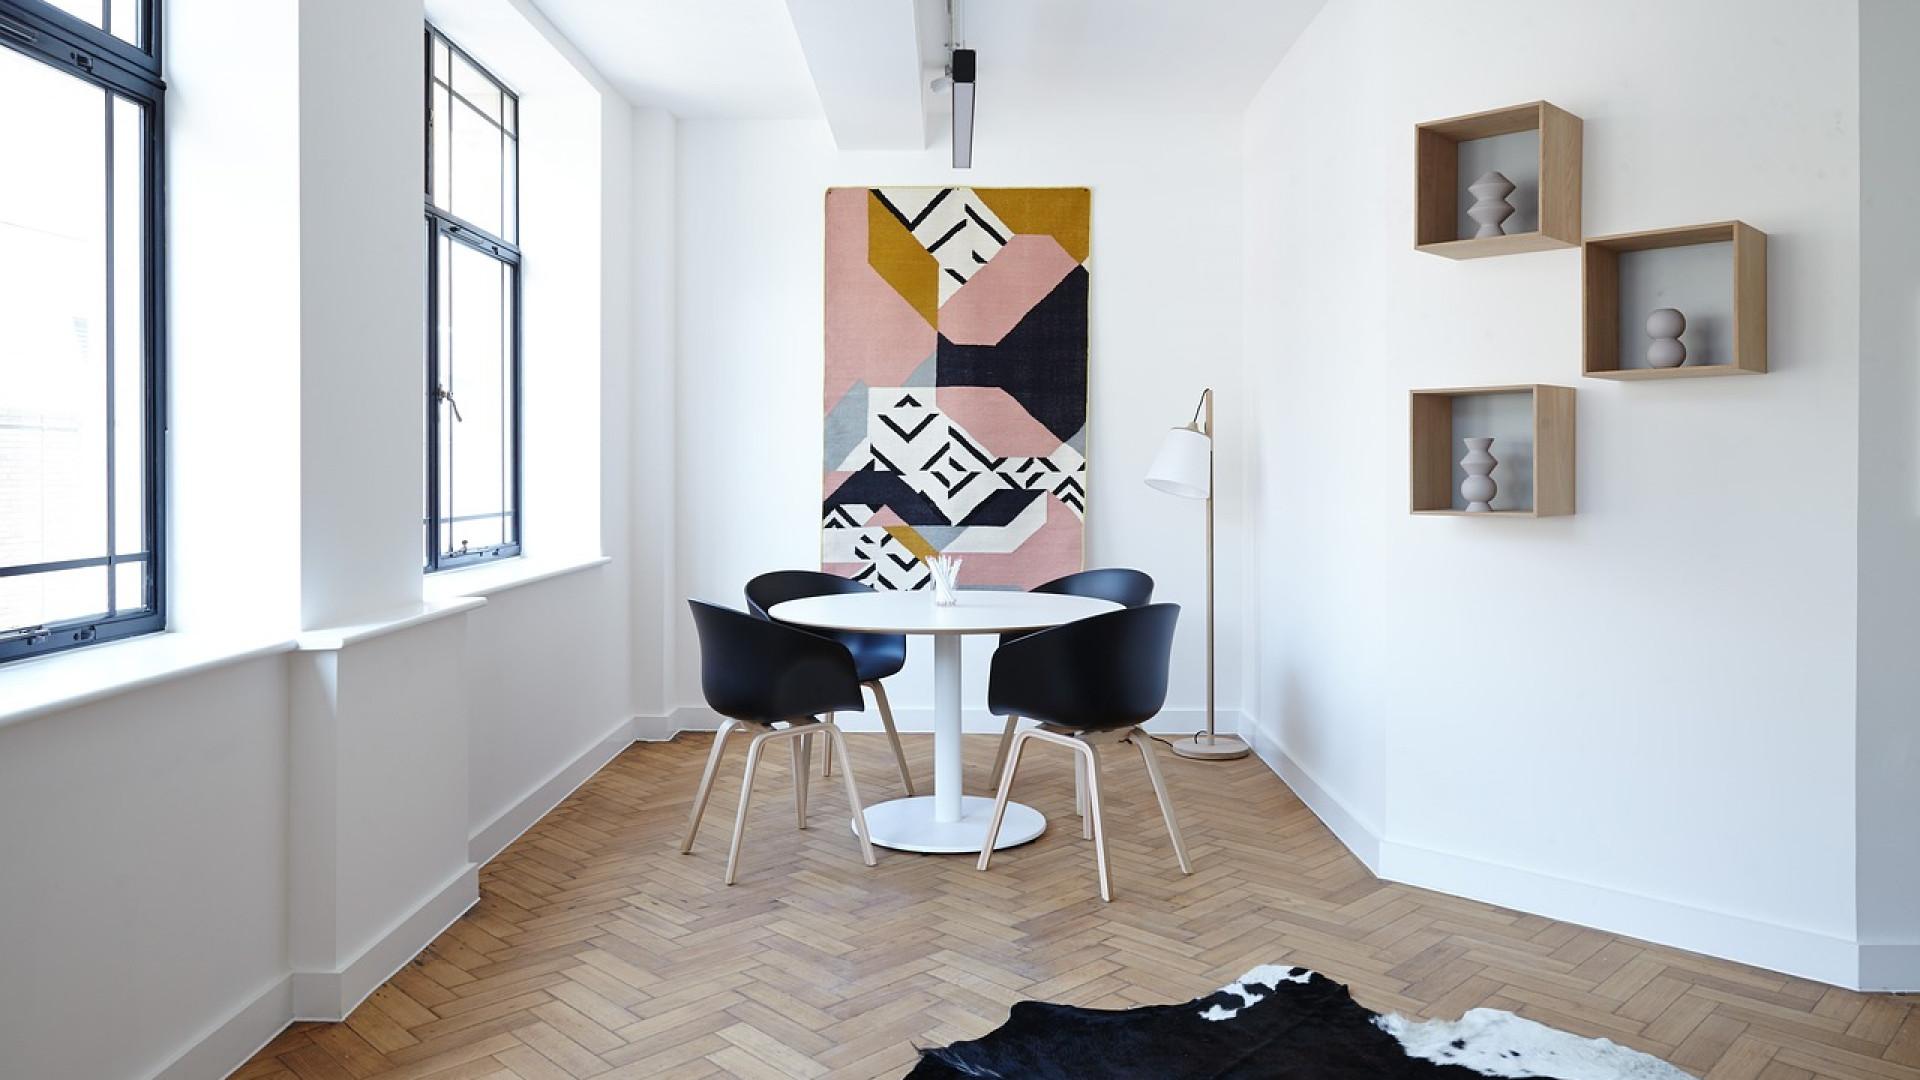 Quelle chaise design choisir pour cuisine ?